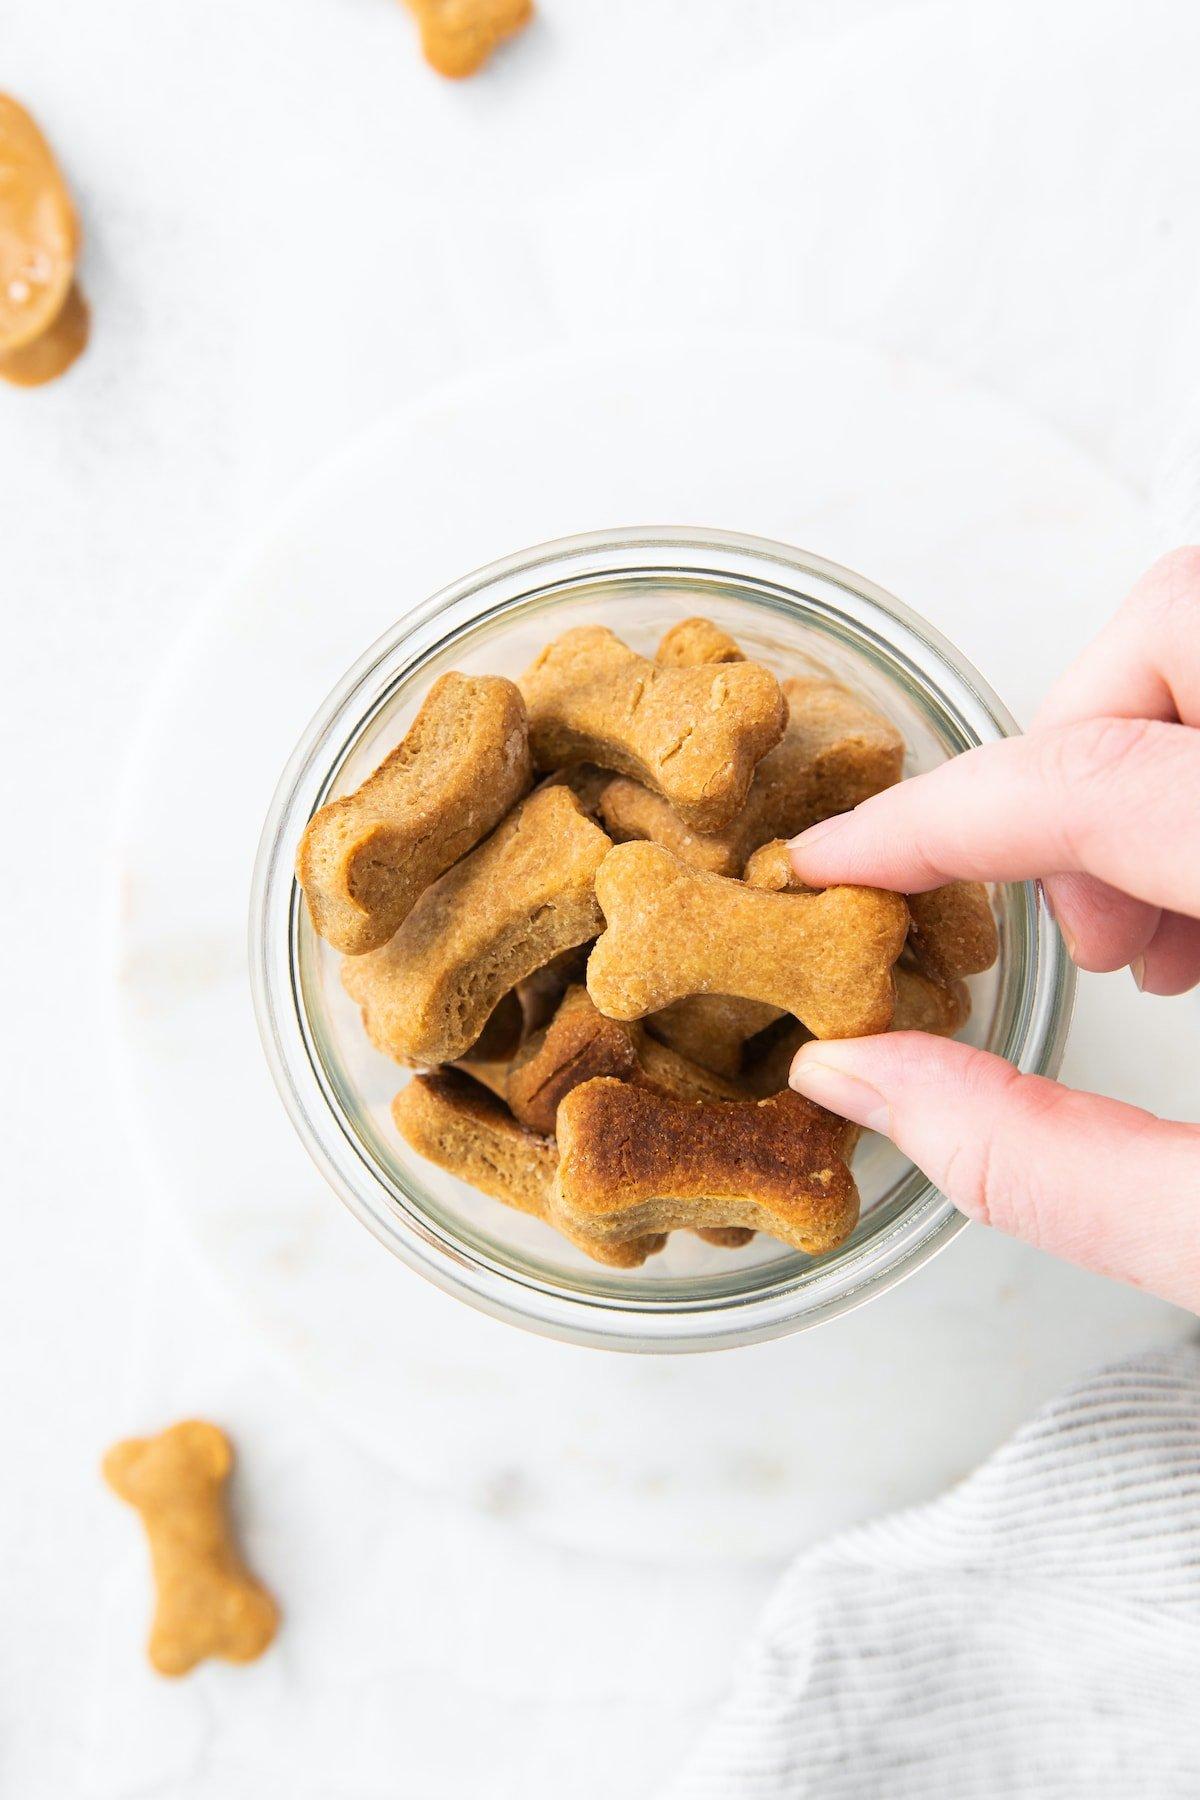 يد تلتقط طعام كلب محلي الصنع من البرطمان.